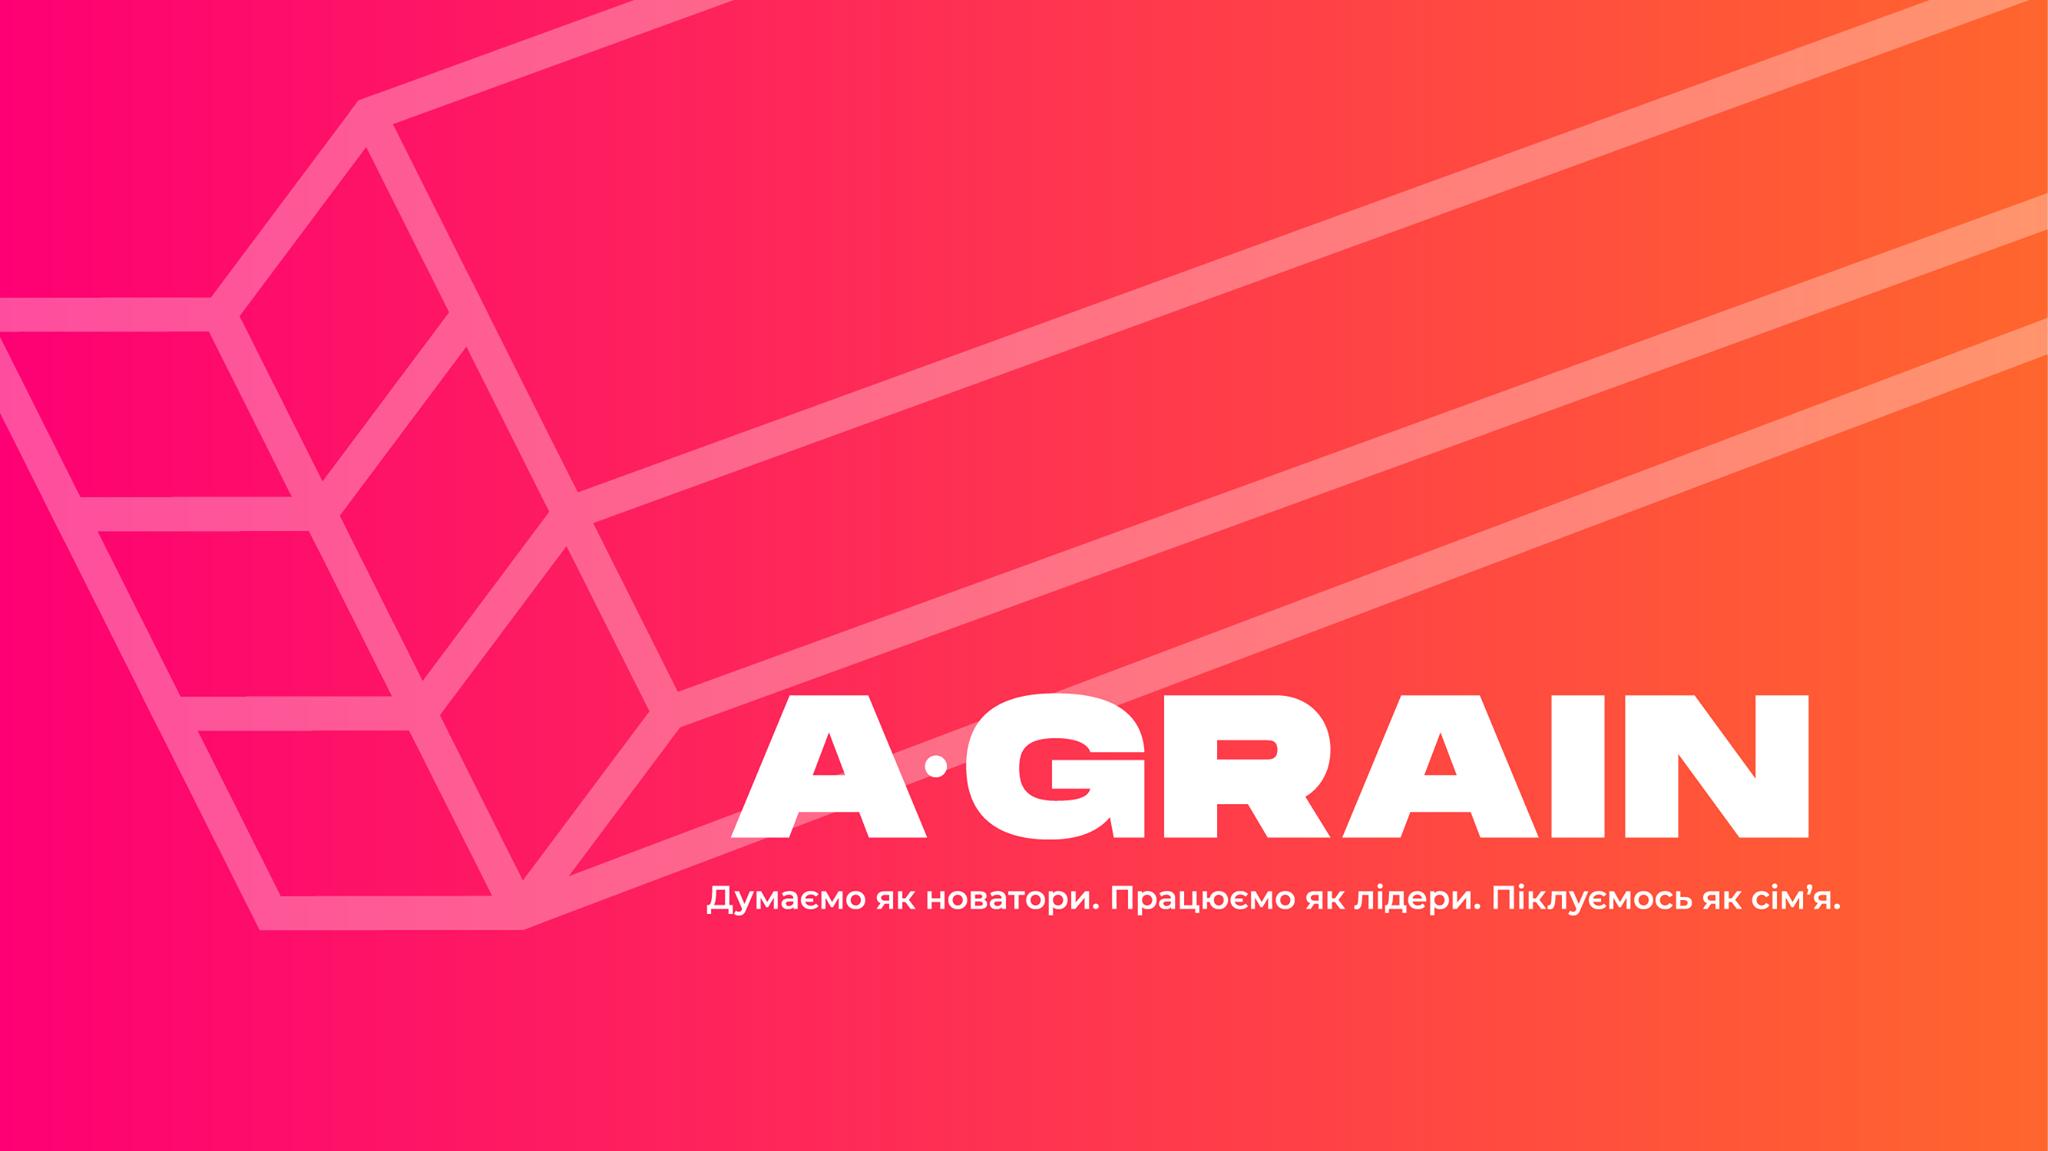 agrein-1.png (195 KB)